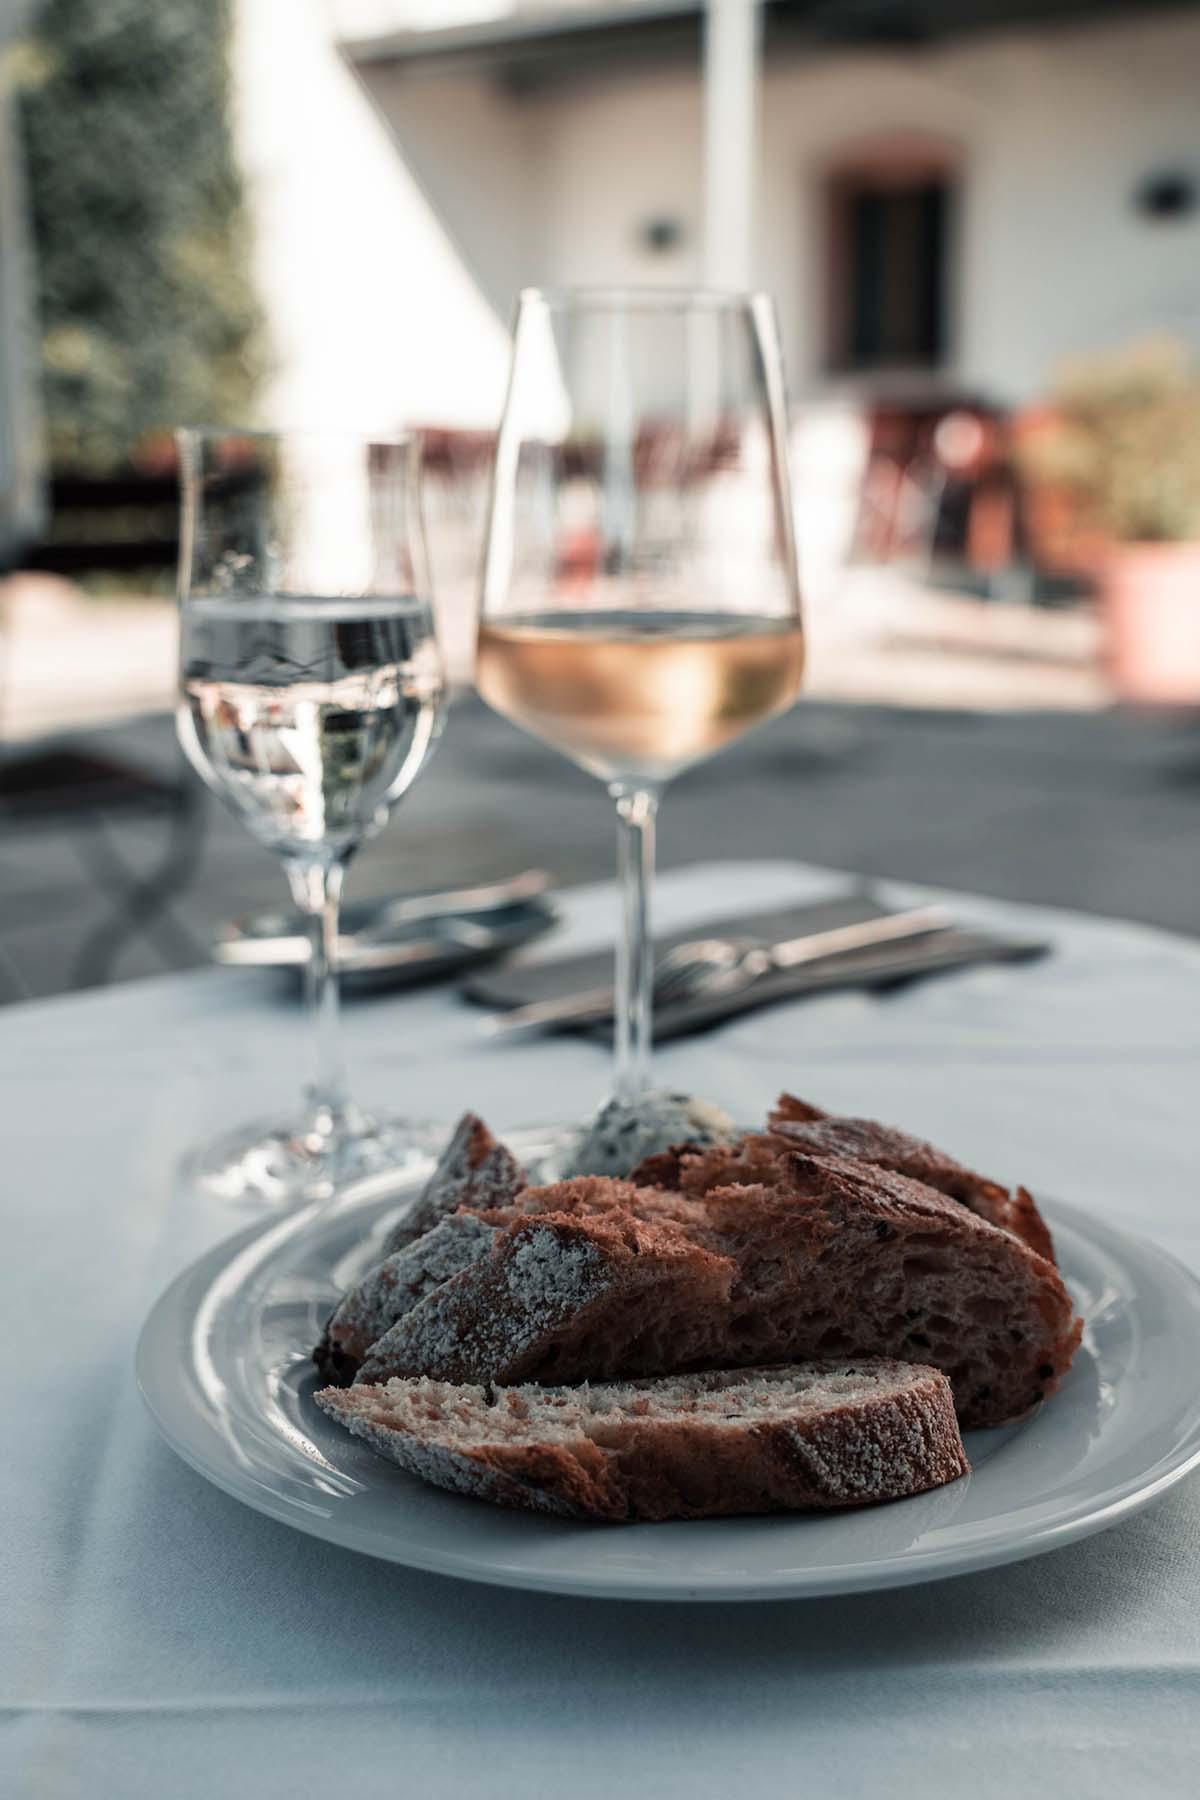 culinarium-passau-restaurant-brot-glaeser